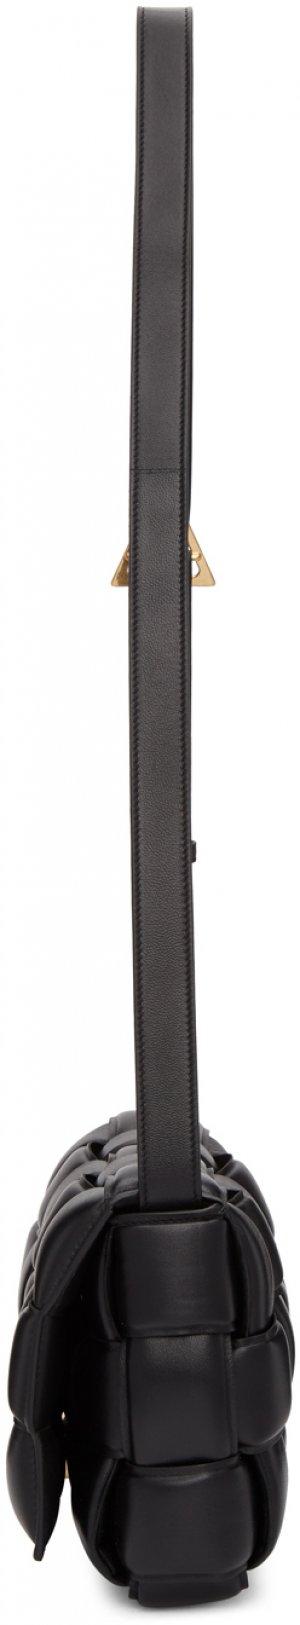 Black Small Padded Cassette Bag Bottega Veneta. Цвет: 8425 black